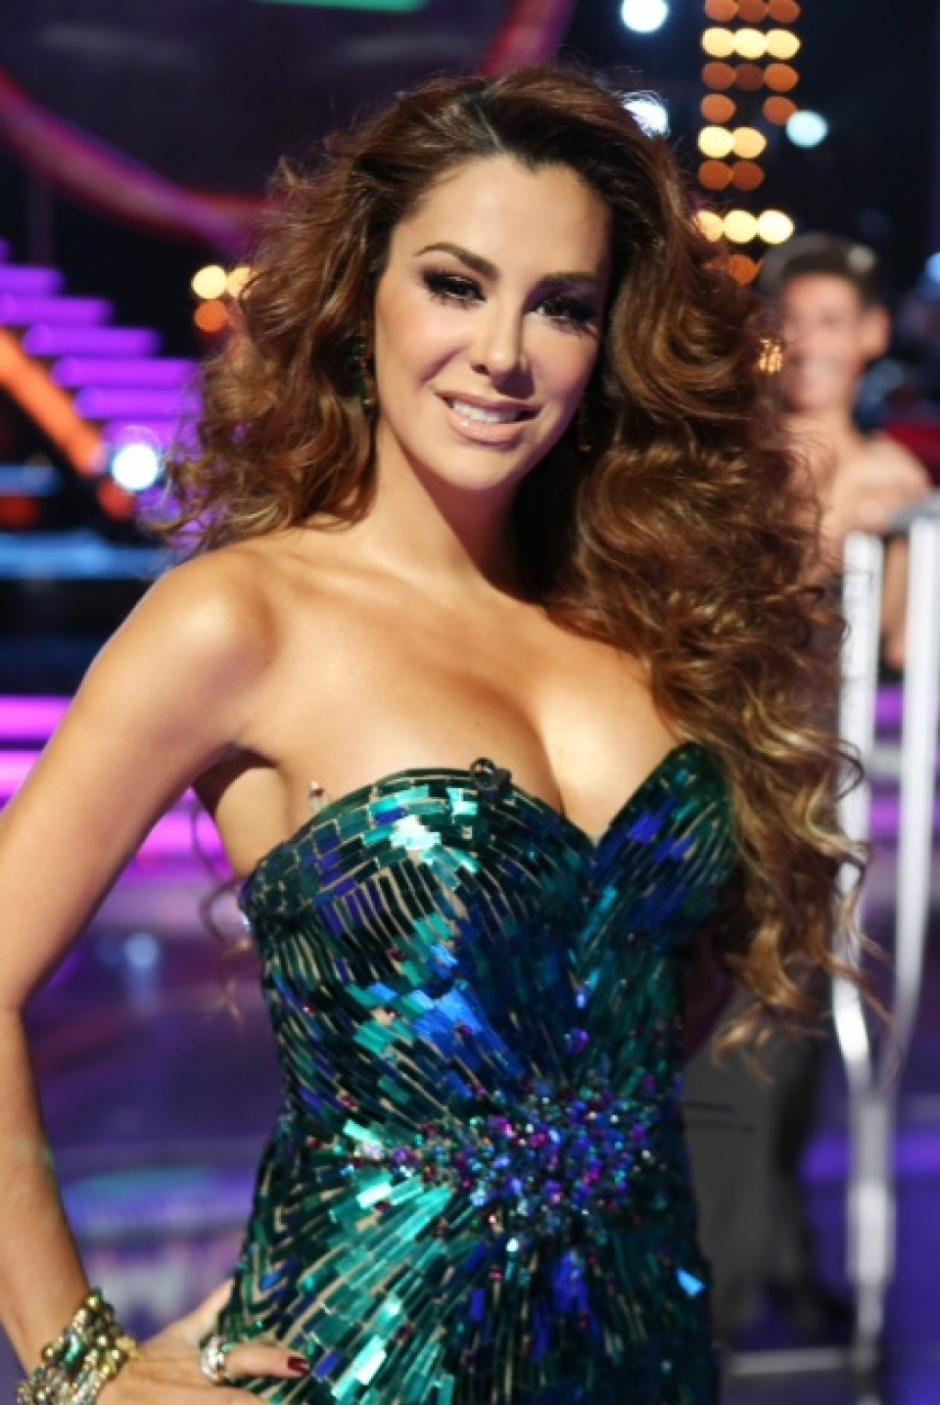 Ninel Conde es una cantante y actriz mexicana. (Foto: ninel-conde.com.mx)